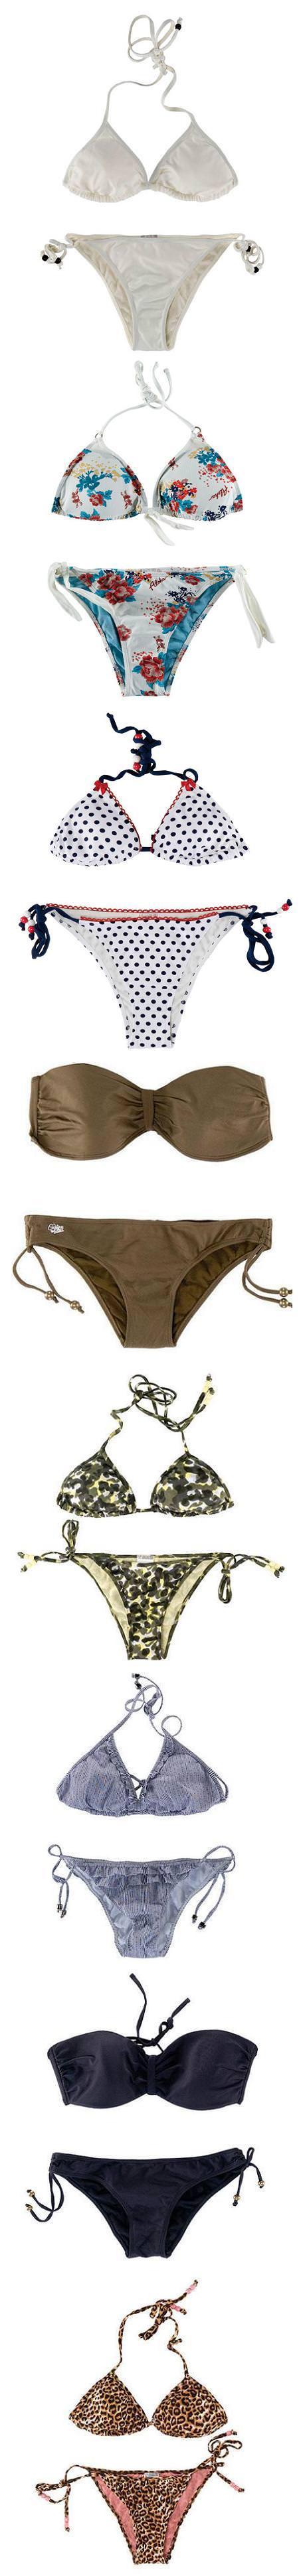 Pull&Bear verano 2010: bikinis